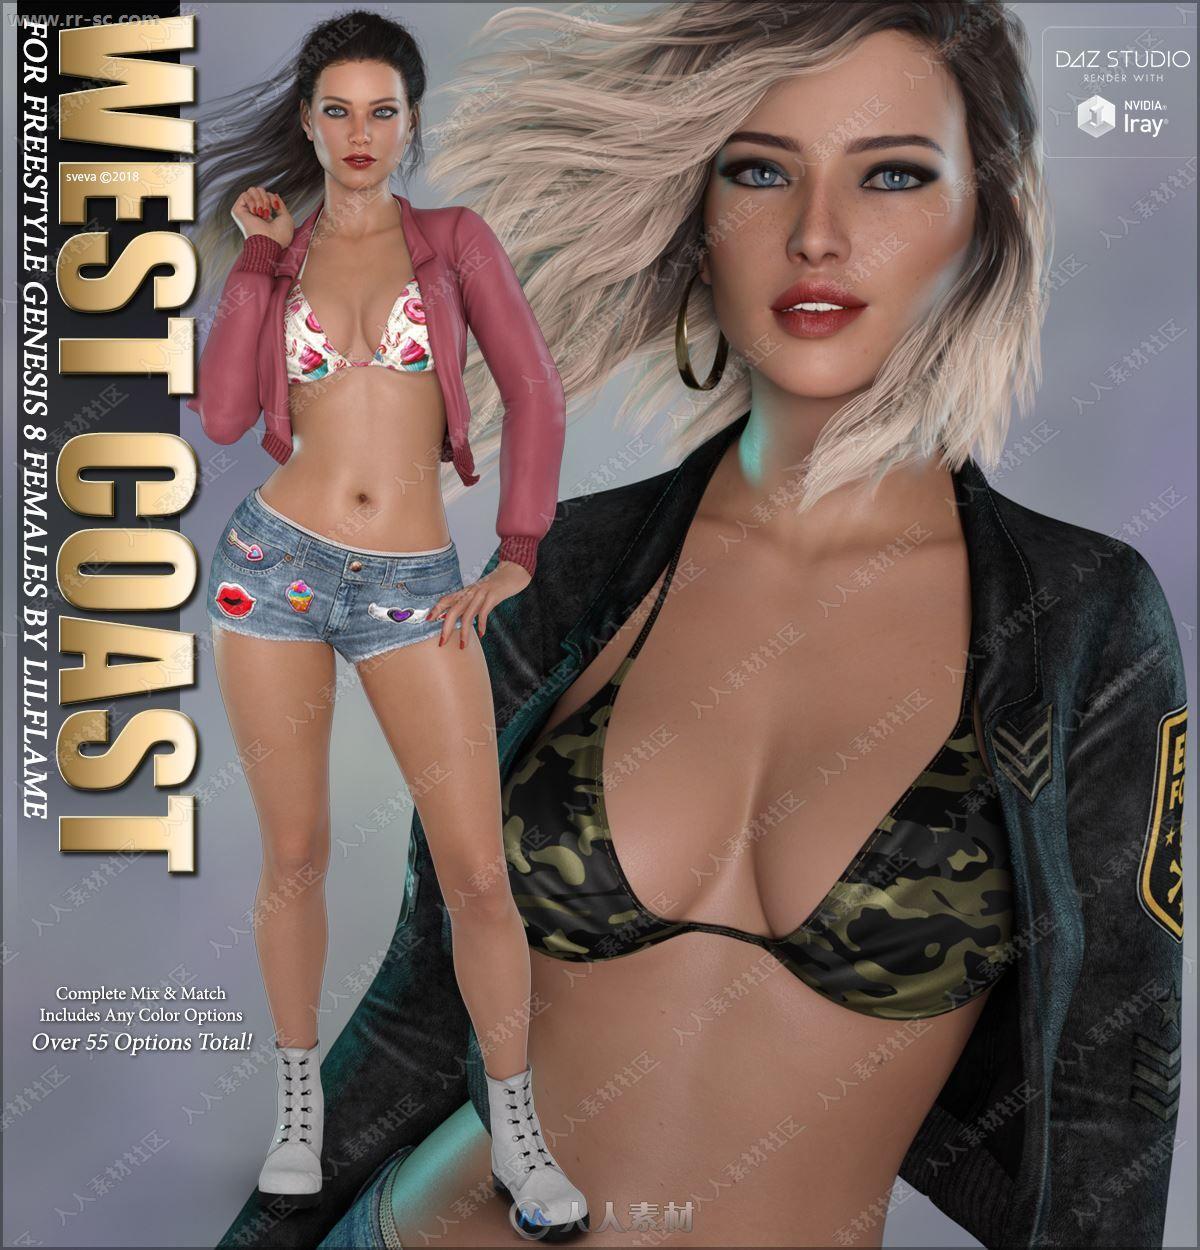 火辣夹克牛仔短裤不同花纹背心3D模型